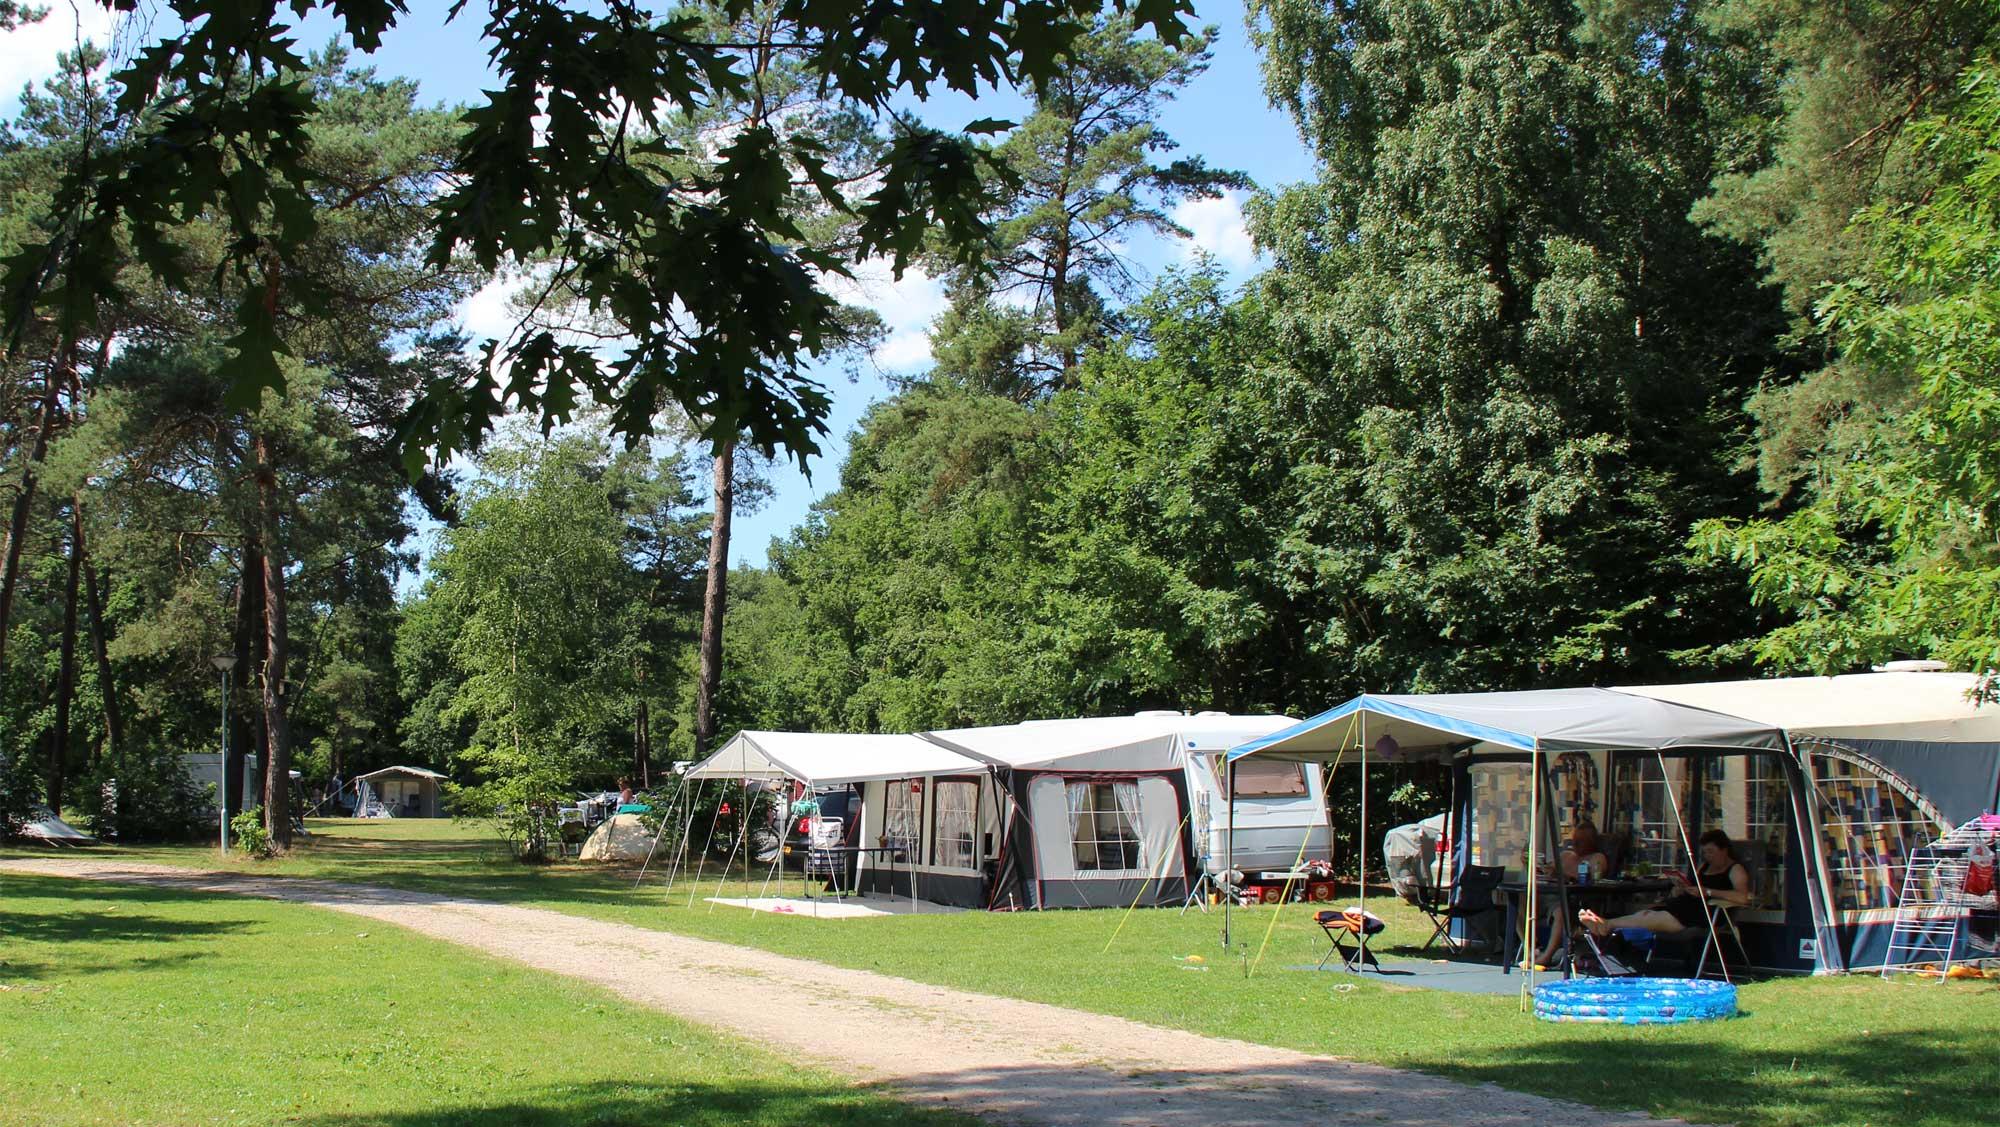 Seizoenplaats kamperen Molecaten Park De Koerberg